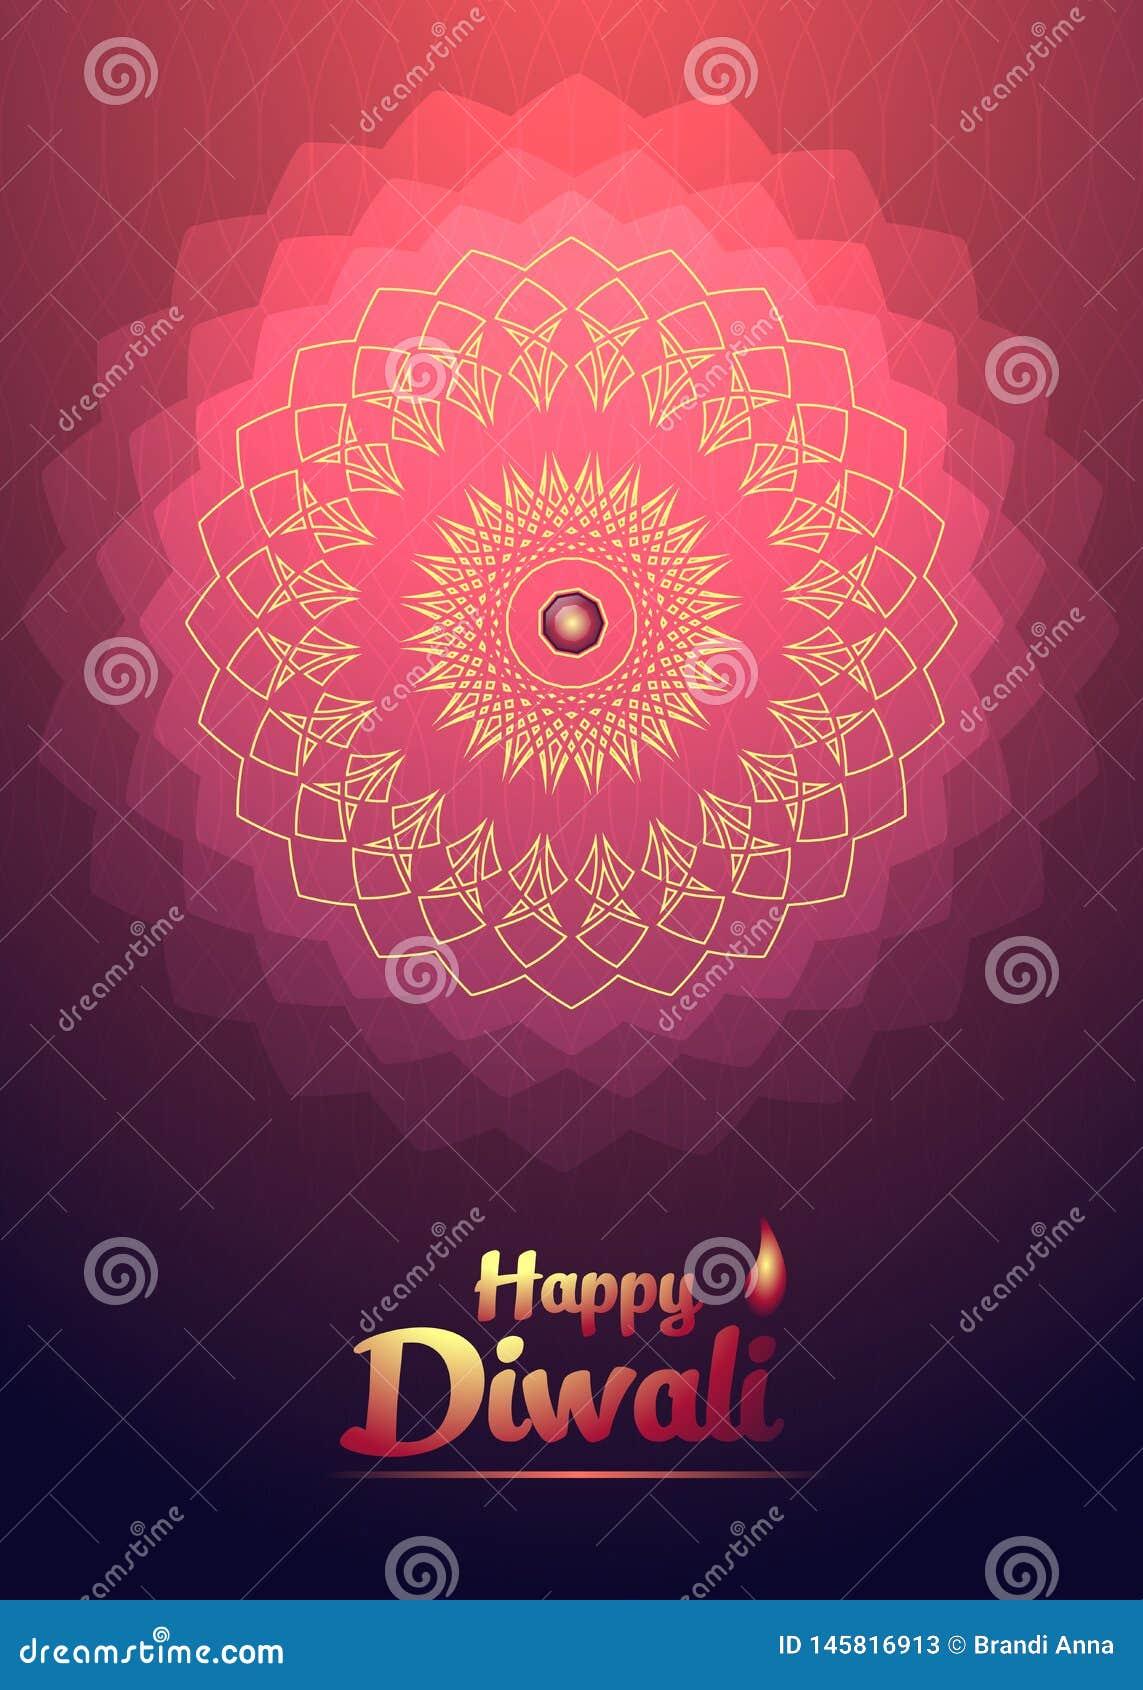 Gelukkige Diwali-festival achtergrondrood lichtbloem